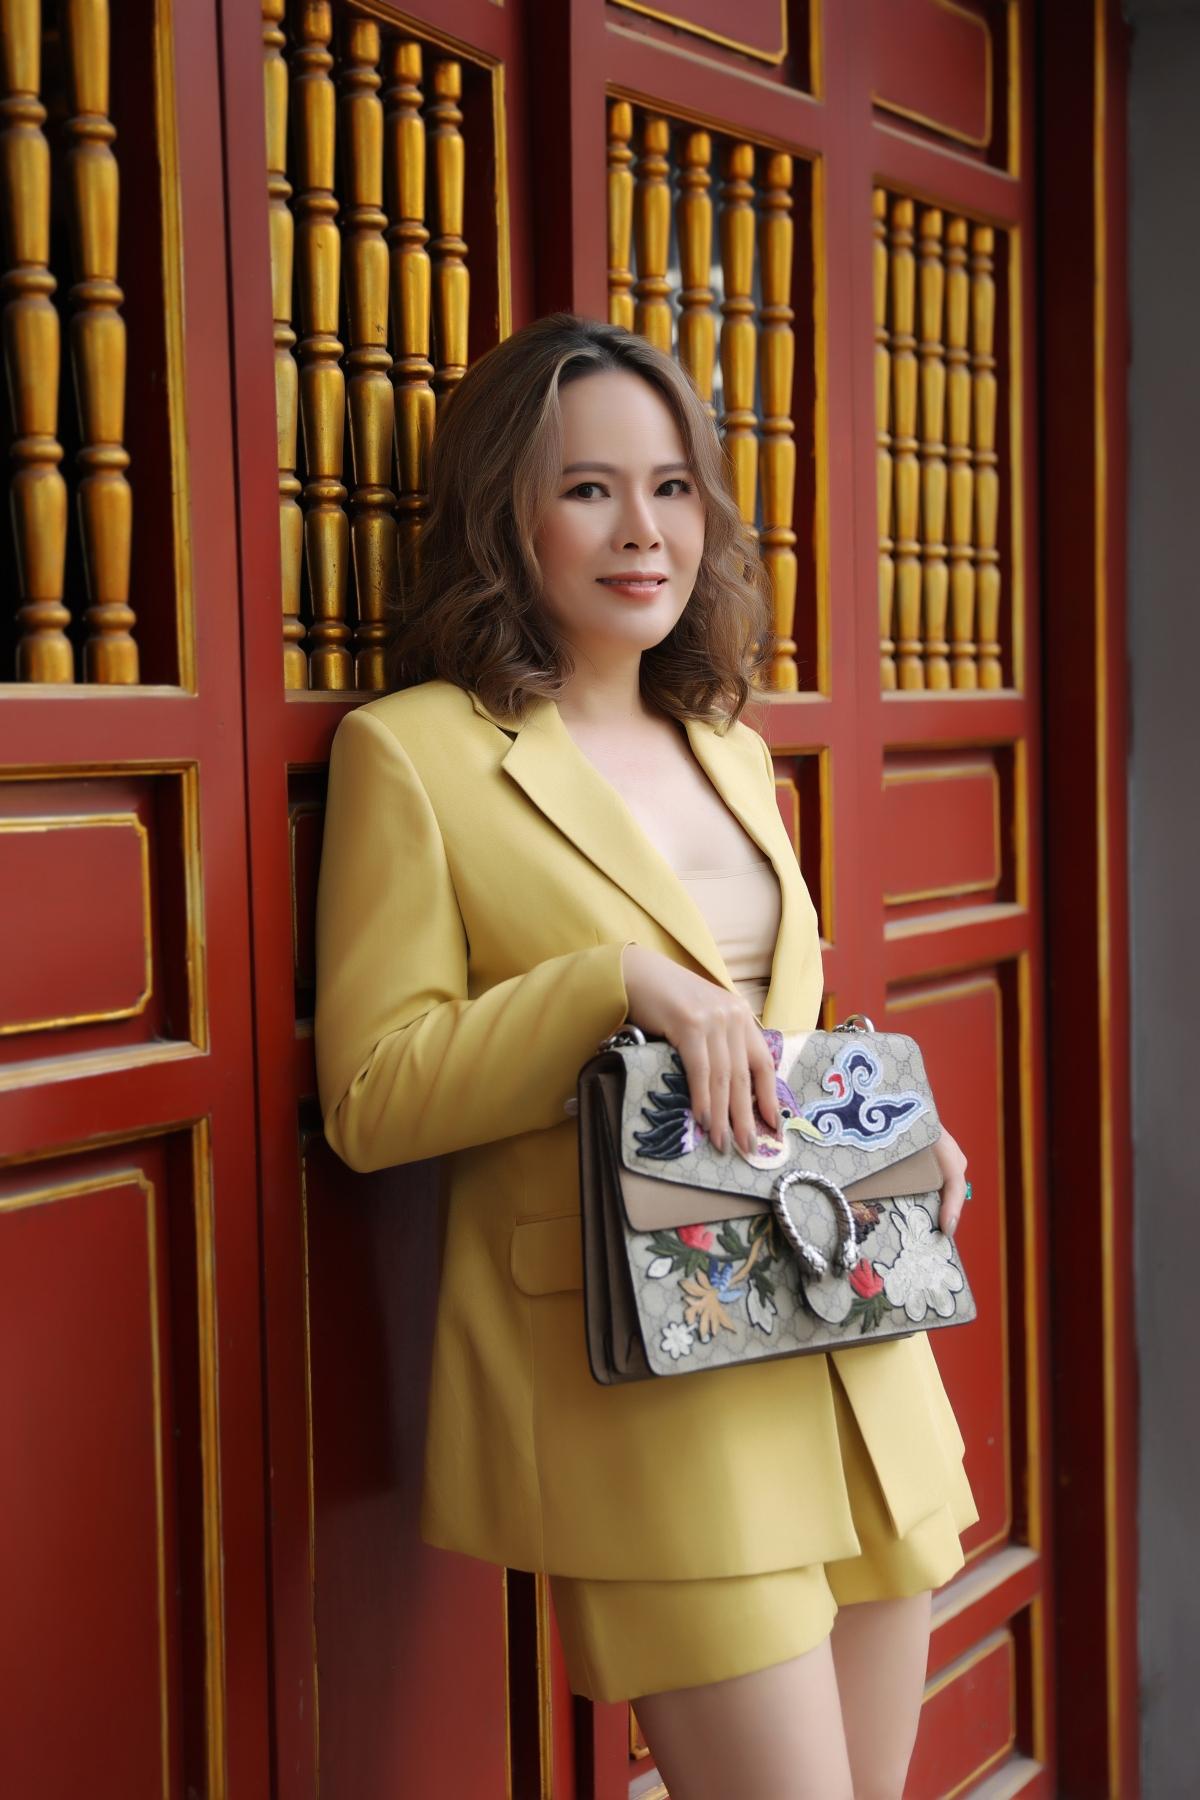 Không chỉ gây ấn tượng với gương mặt và phong cách thời trang sang trọng, vóc dáng của Mrs Việt Nam Trần Hiền cũng ngày càng hoàn hảo.